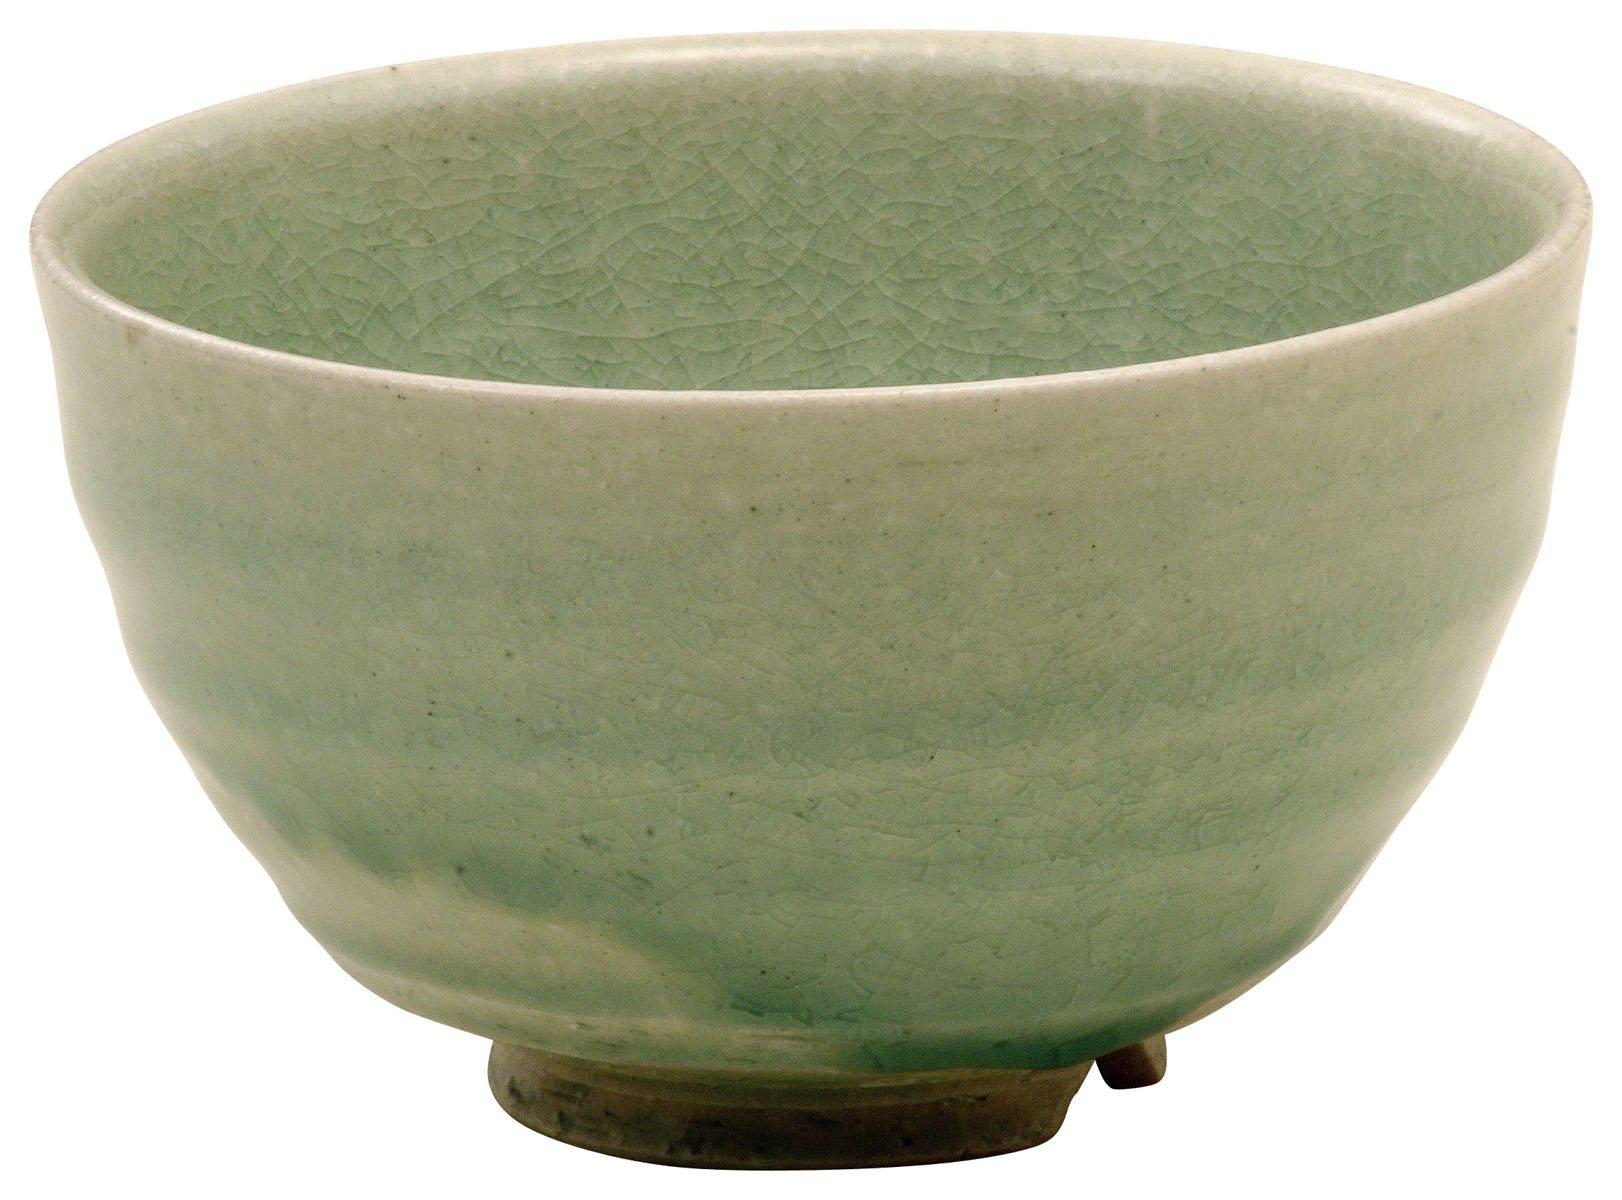 Shigaraki Ware Green Glaze Matcha Bowl 3-2702 by Shigaraki Ware